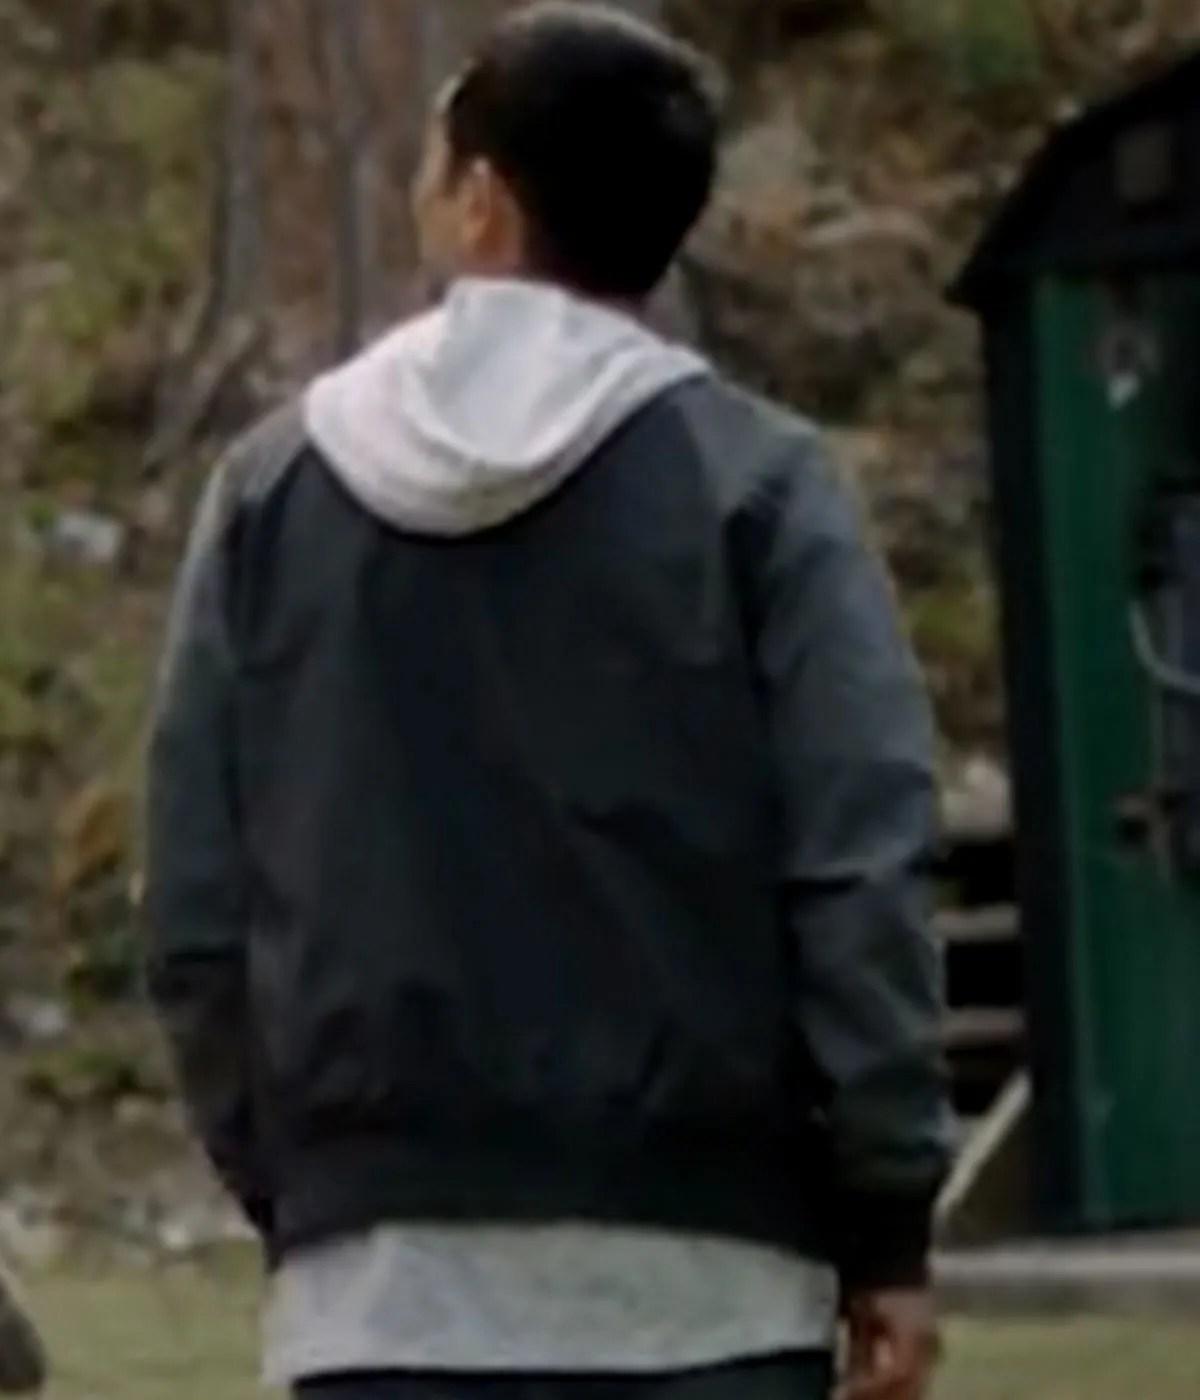 teddy-osric-chau-superhost-jacket